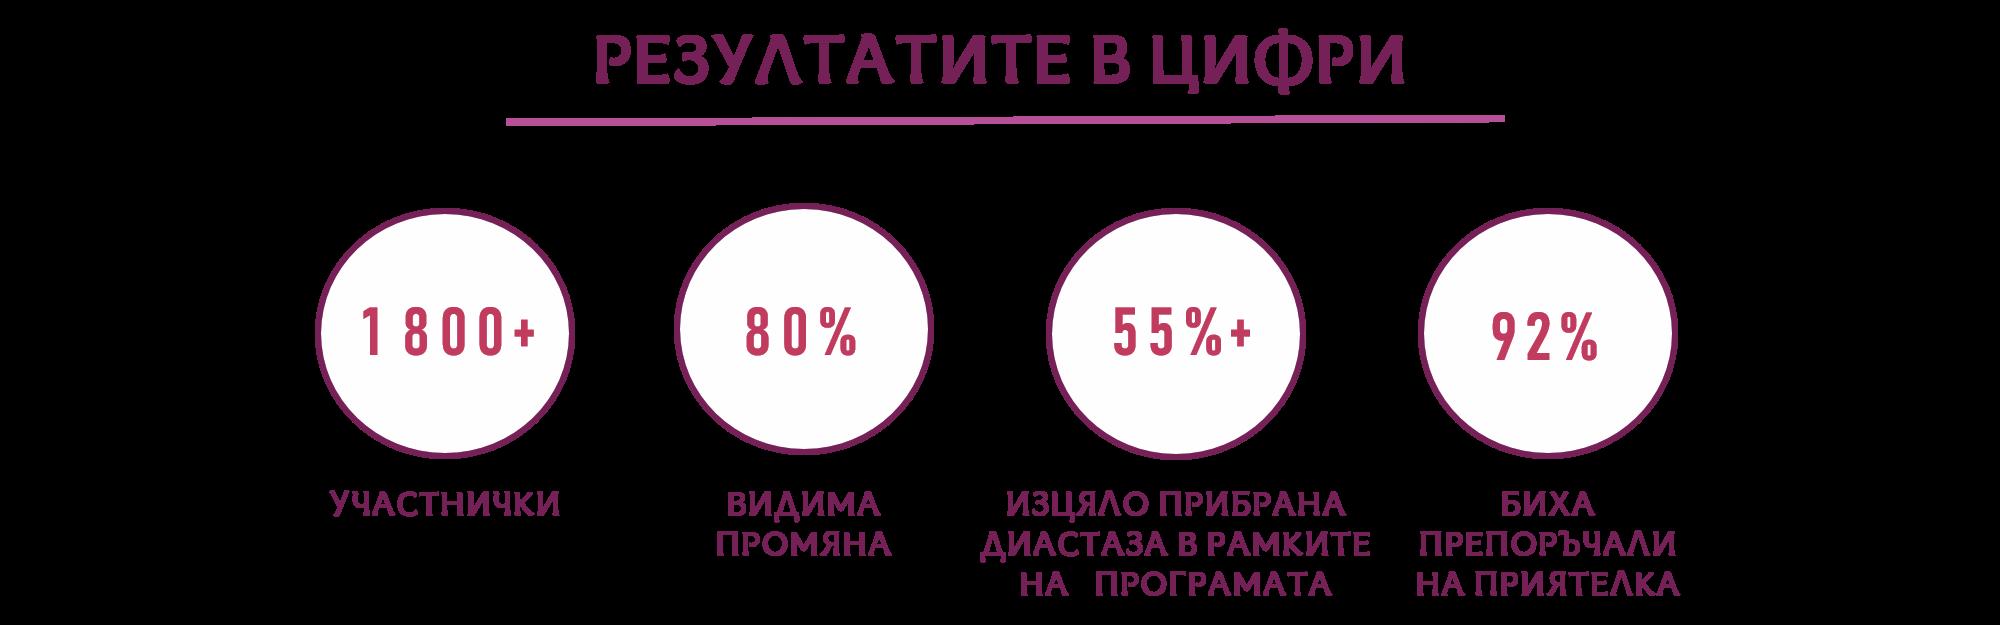 rezultati-ne-na-diastazata-mnogo-uchastnichki